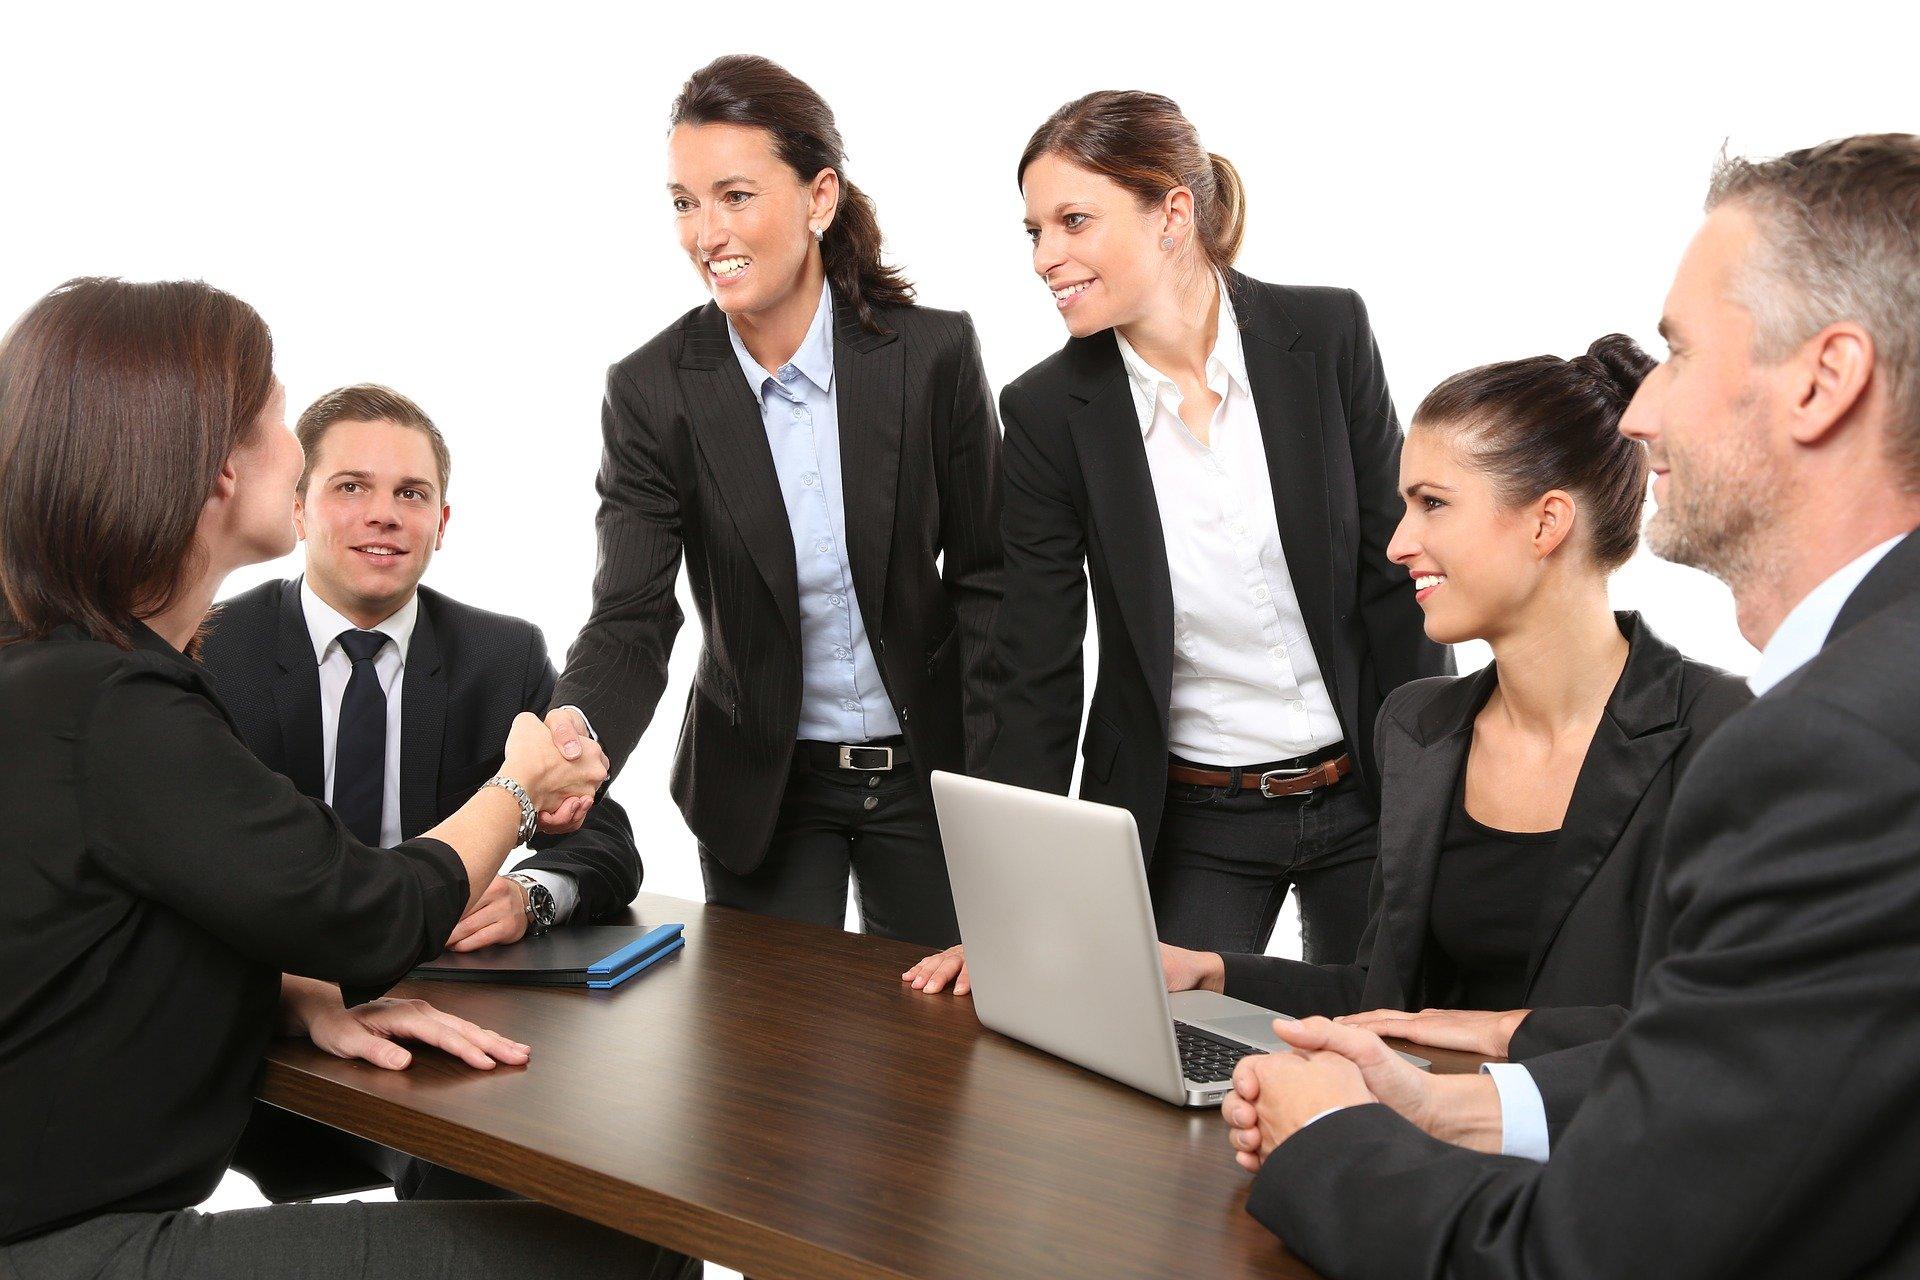 Jakie są podstawowe uprawnienia i obowiązki Pracodawcy?